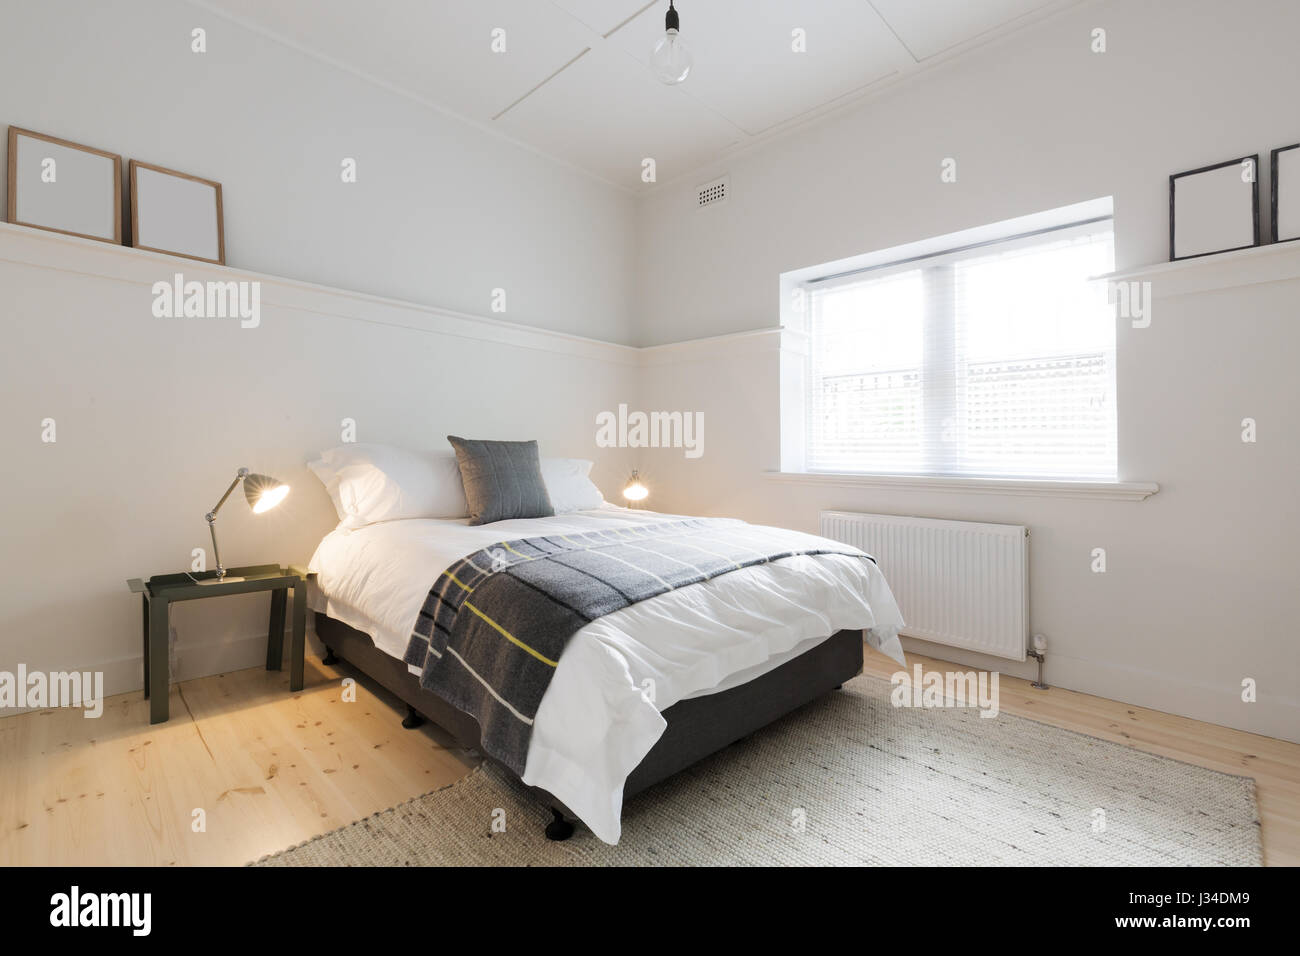 Dänische Modern Gestylten Eingerichteten Schlafzimmer Luxus Renovierte  Moderne Ausrtralian Wohnung